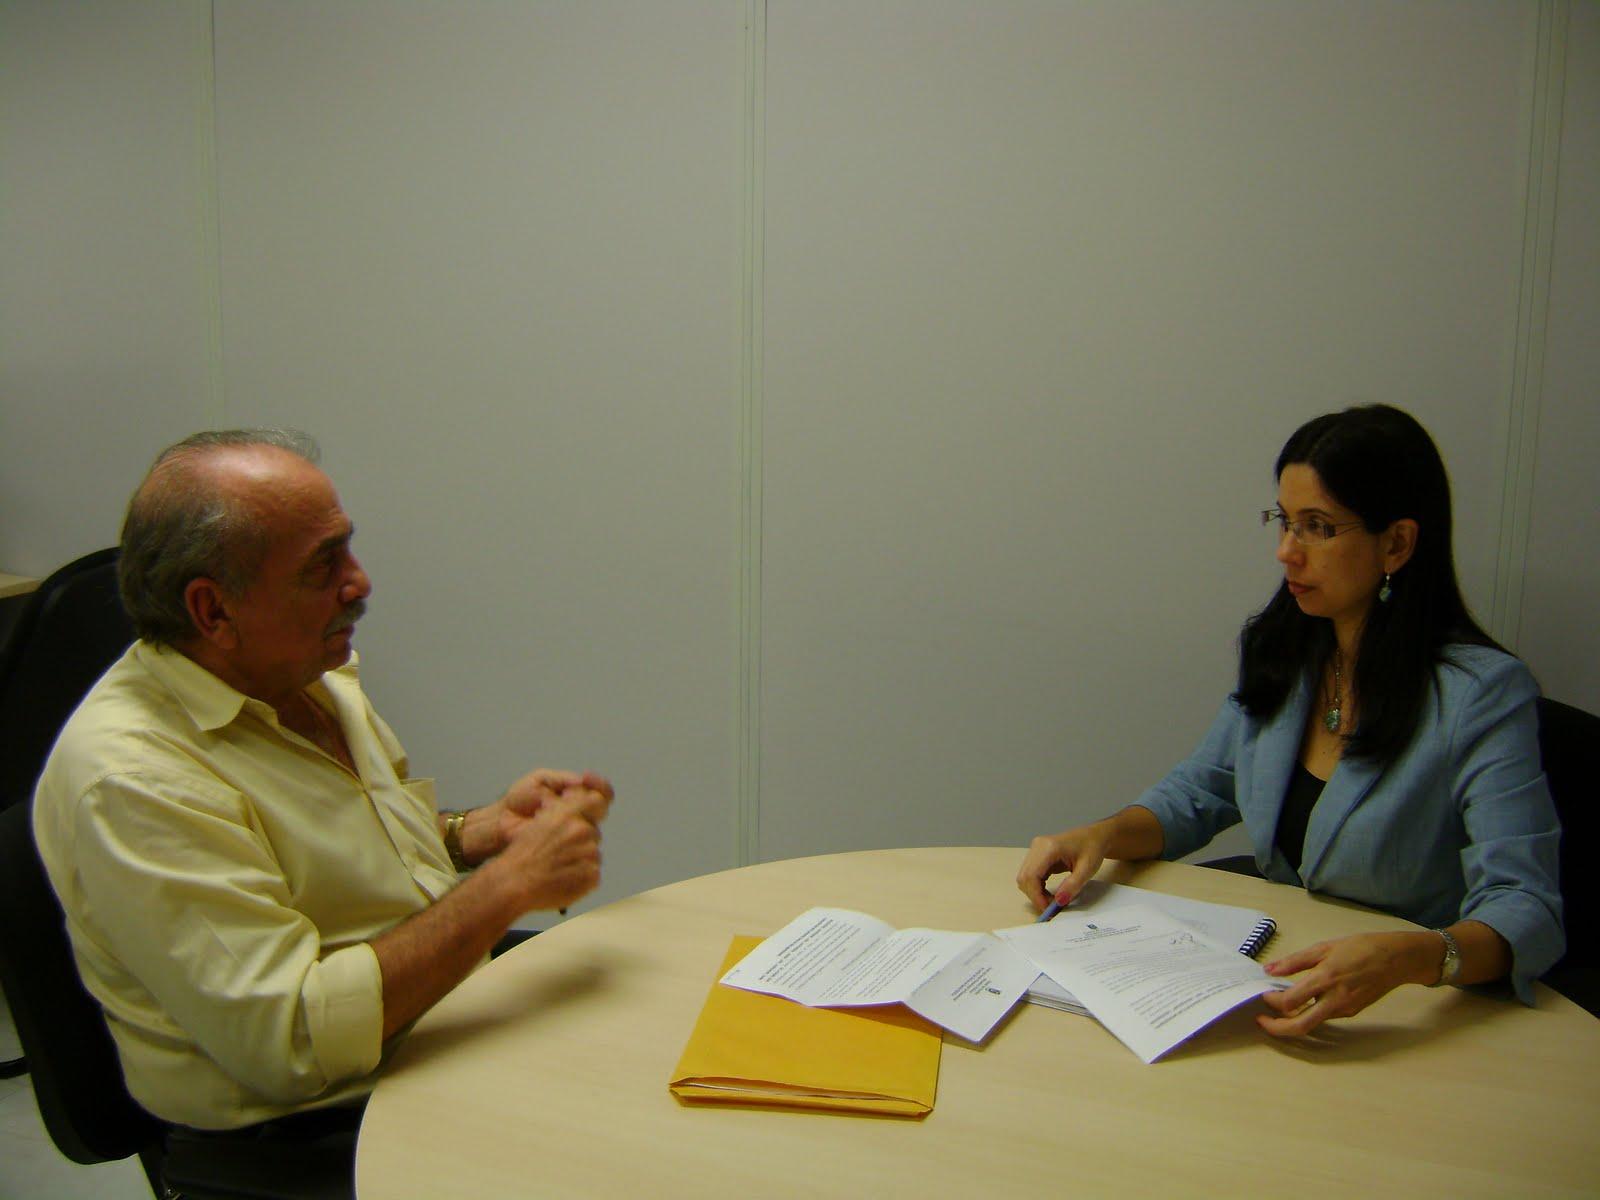 http://3.bp.blogspot.com/-It5EVUwPPdU/TlaQvVBLzII/AAAAAAAADdc/DBuz8bHspfc/s1600/Promotora+Adriana+e+o+Presidente+do+Conselho.JPG